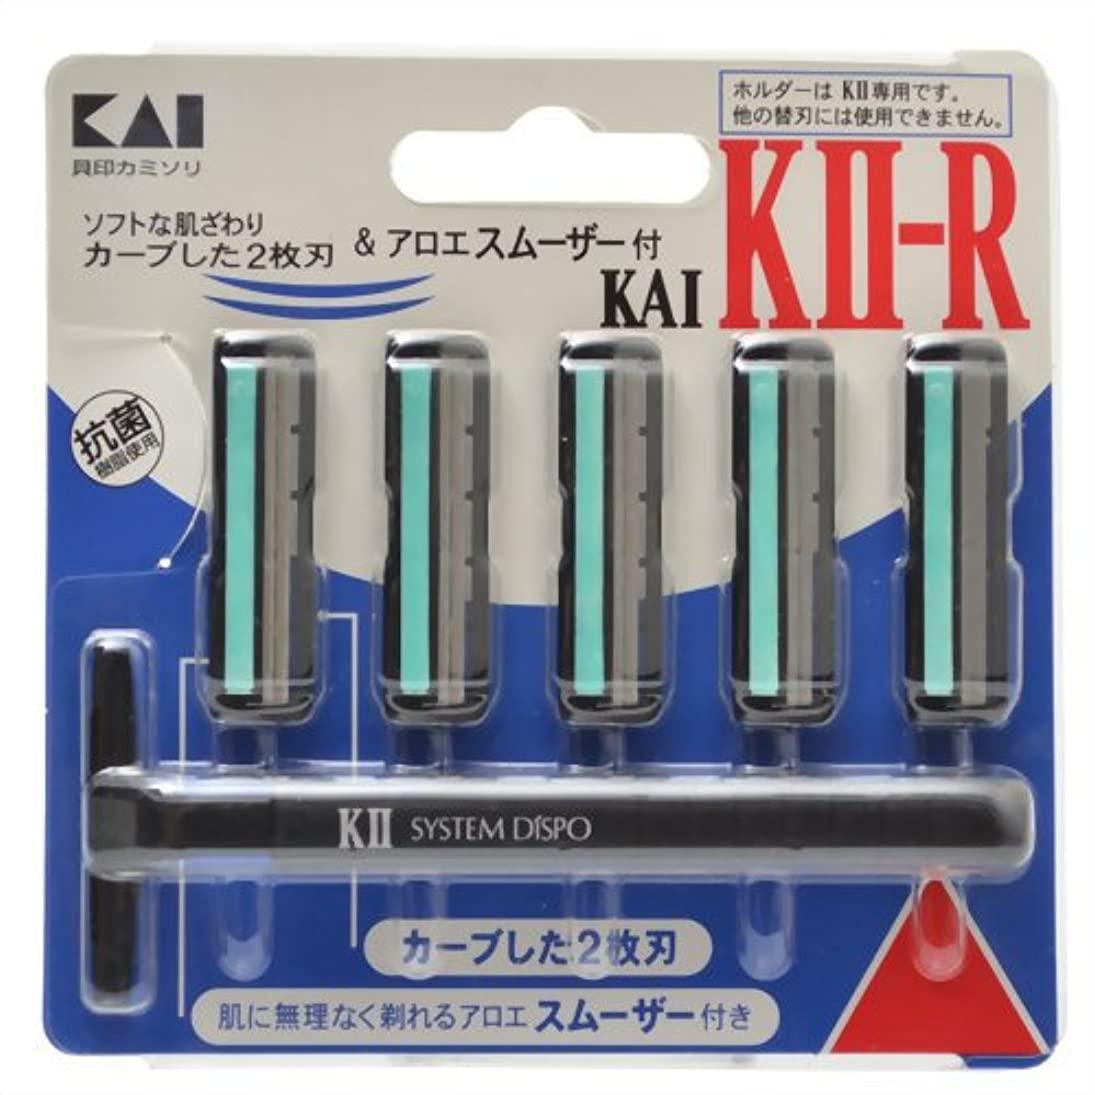 挑む不機嫌そうな付ける貝印 KAI KII-R ひげそり用カミソリ アロエスムーザー付